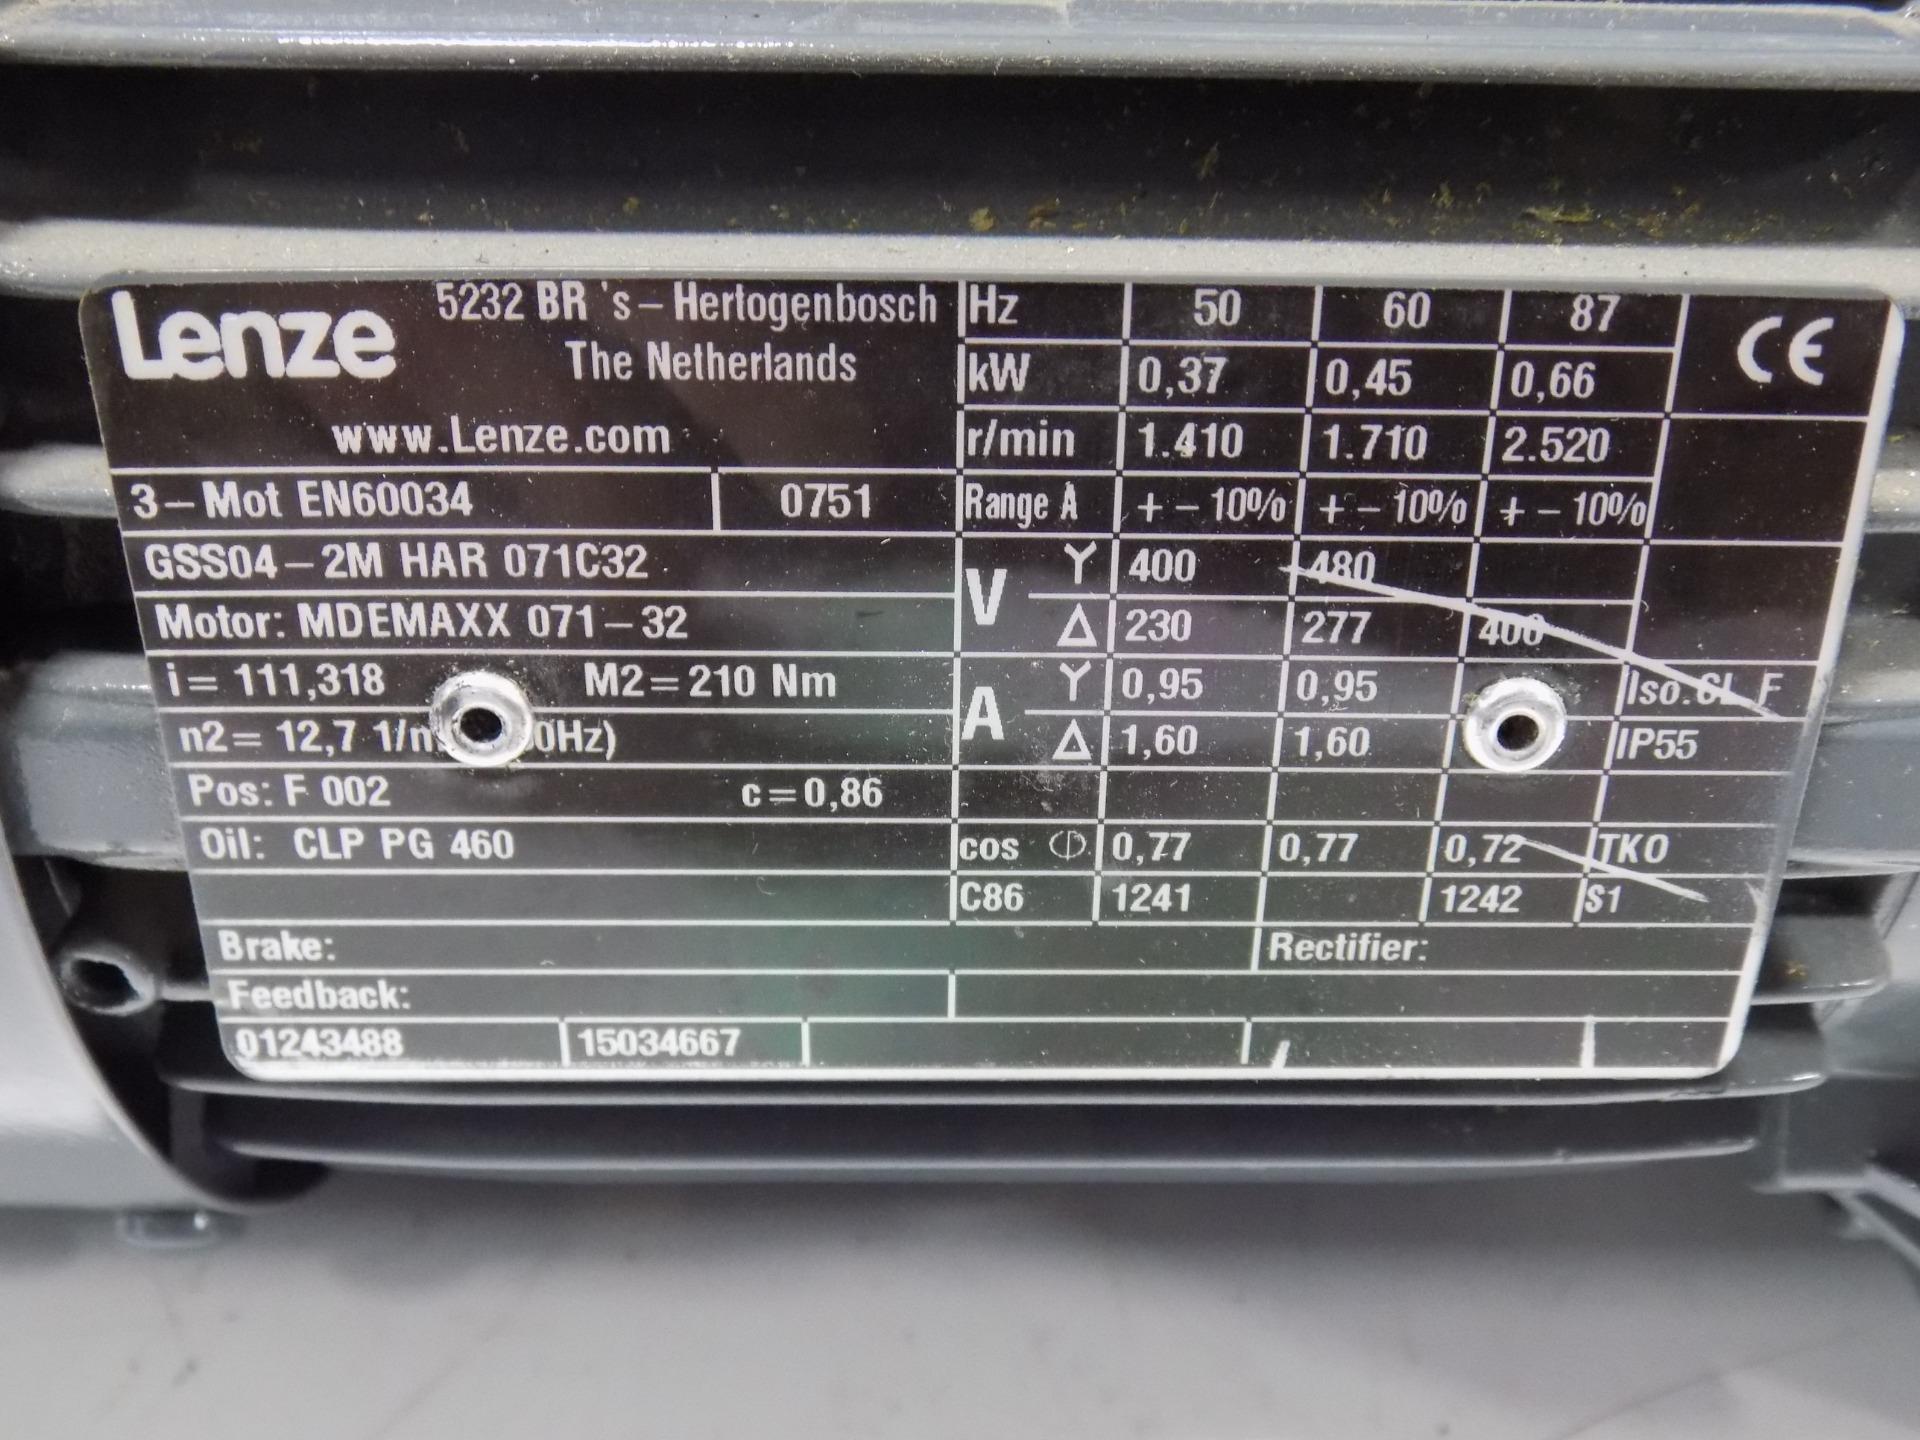 Lenze Motor W Gearbox 3 Mot En60034 Gss04 2m Har 071c32